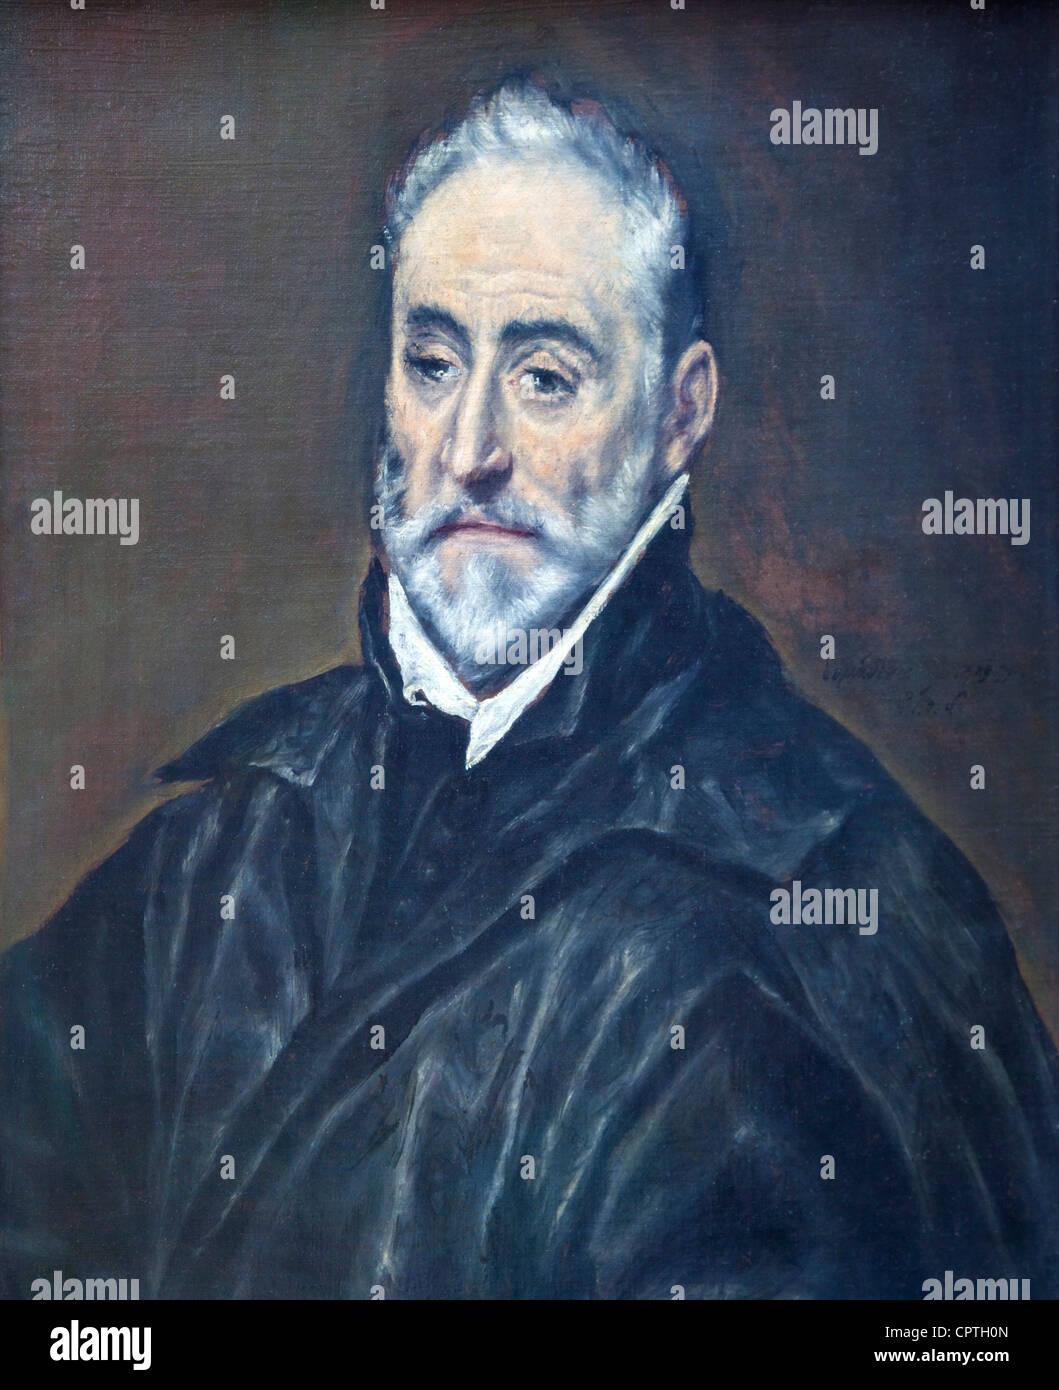 Antonio de Covarrubias y Leiva, by El Greco, Musee du Louvre Museum, Paris, France, Europe, EU - Stock Image